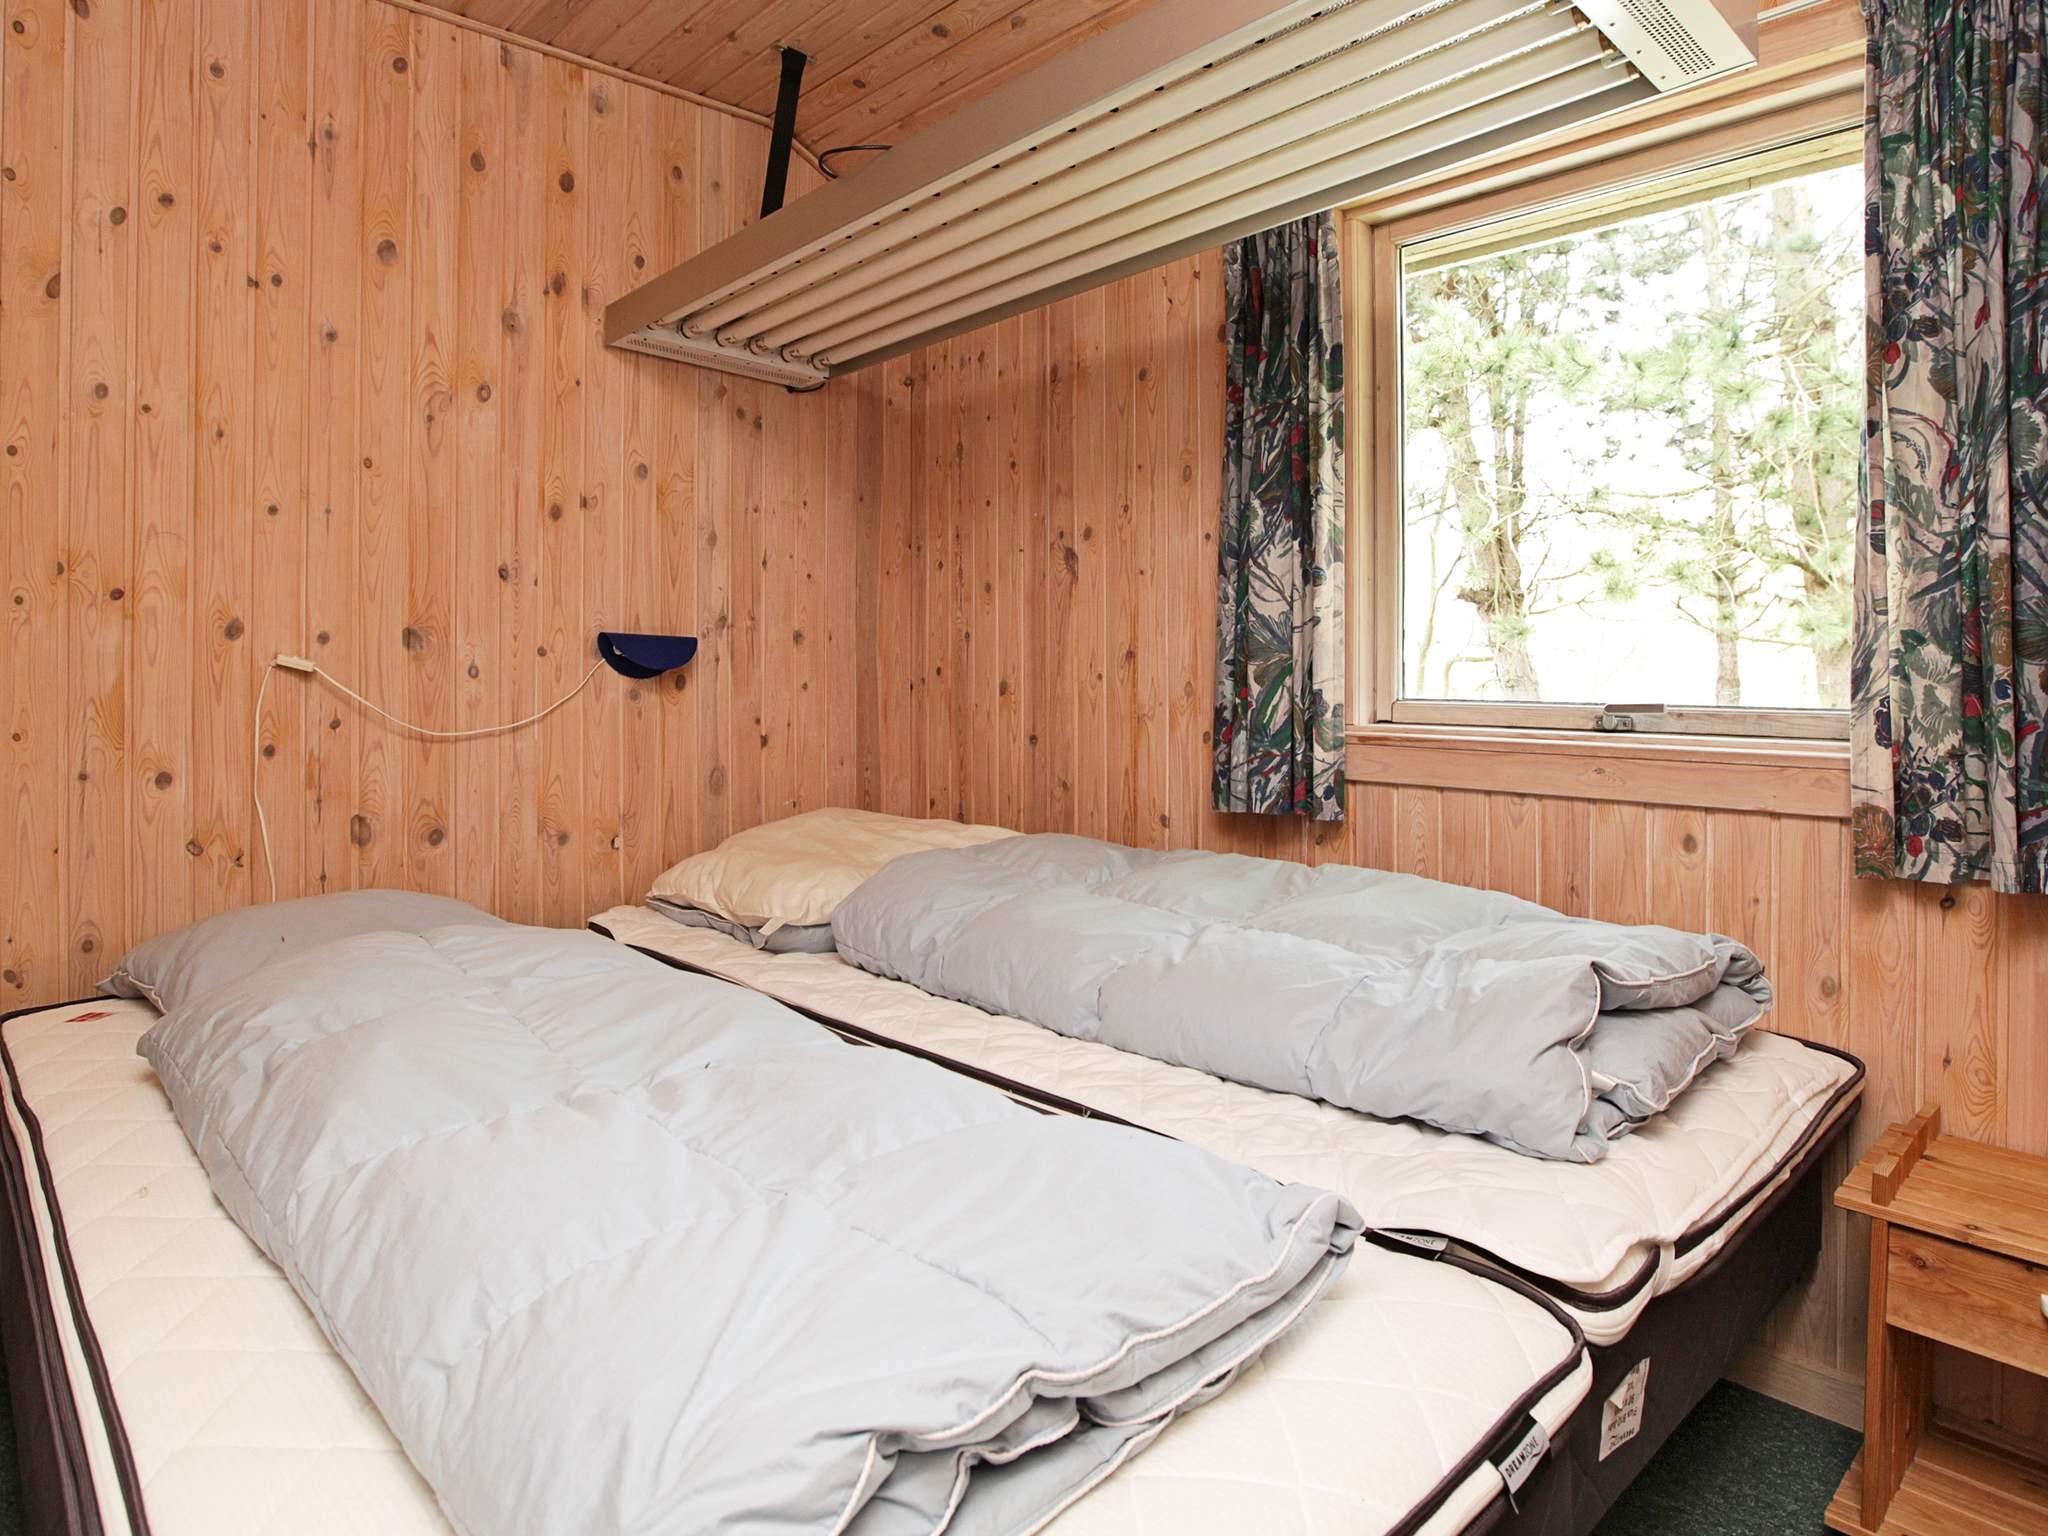 Ferienhaus Hummingen (84295), Hummingen, , Lolland, Dänemark, Bild 18